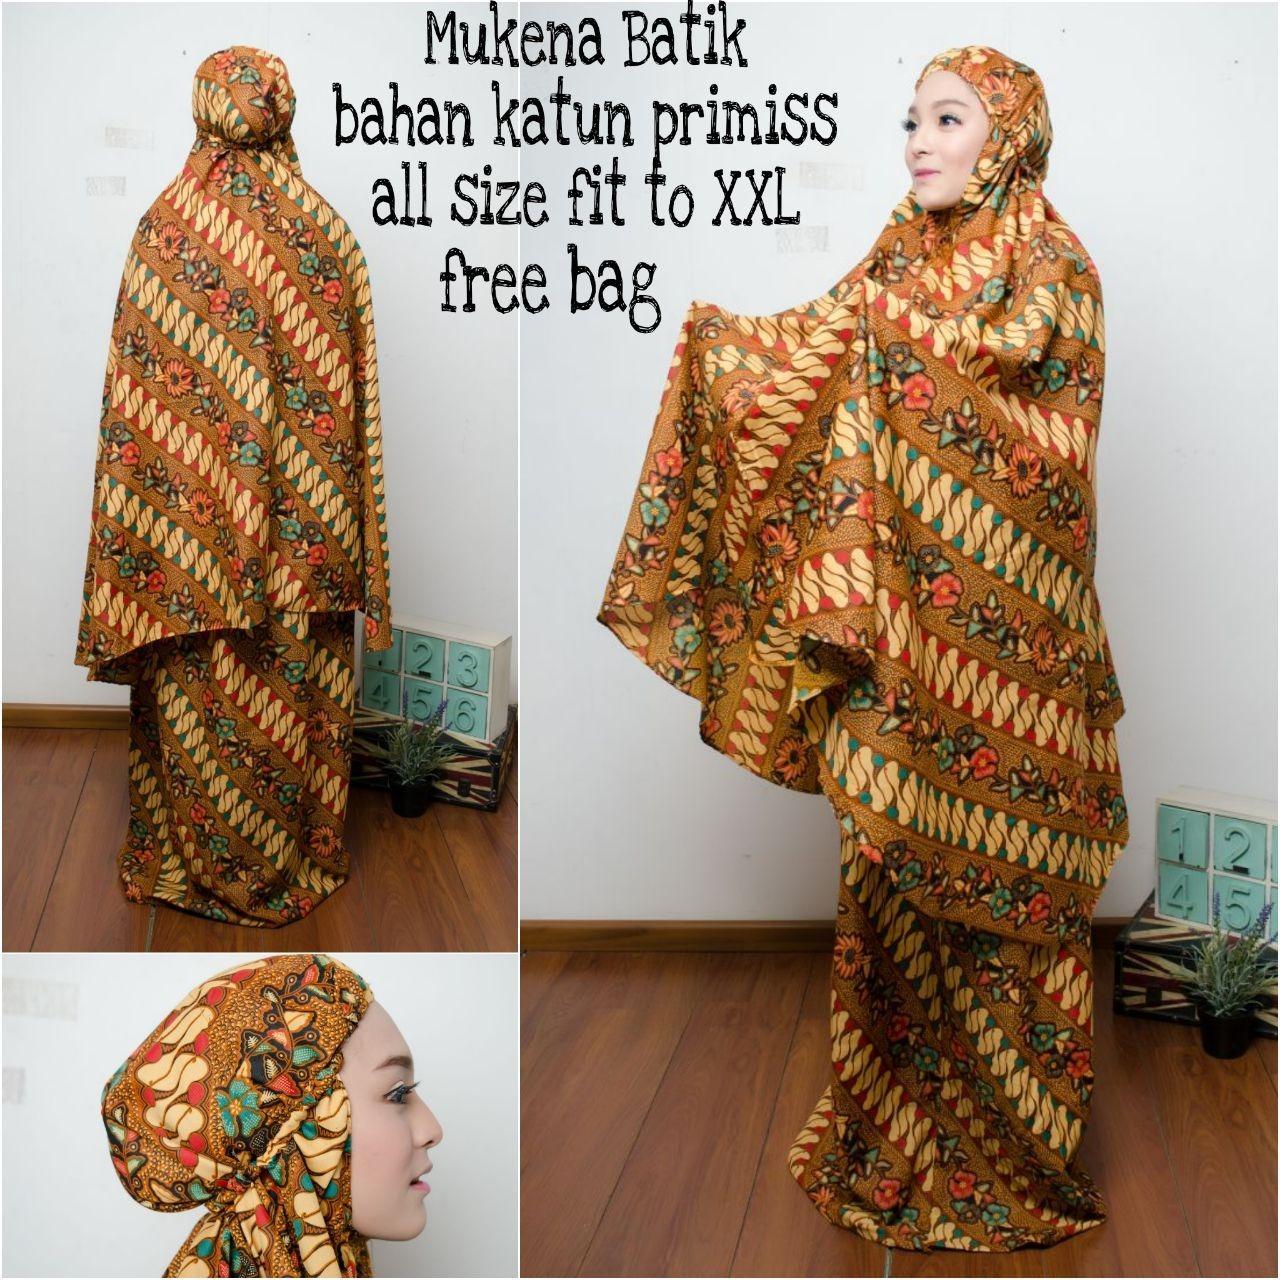 Glow fashion Stelan mukena batik jumbo perlengkapan sholat Fatma